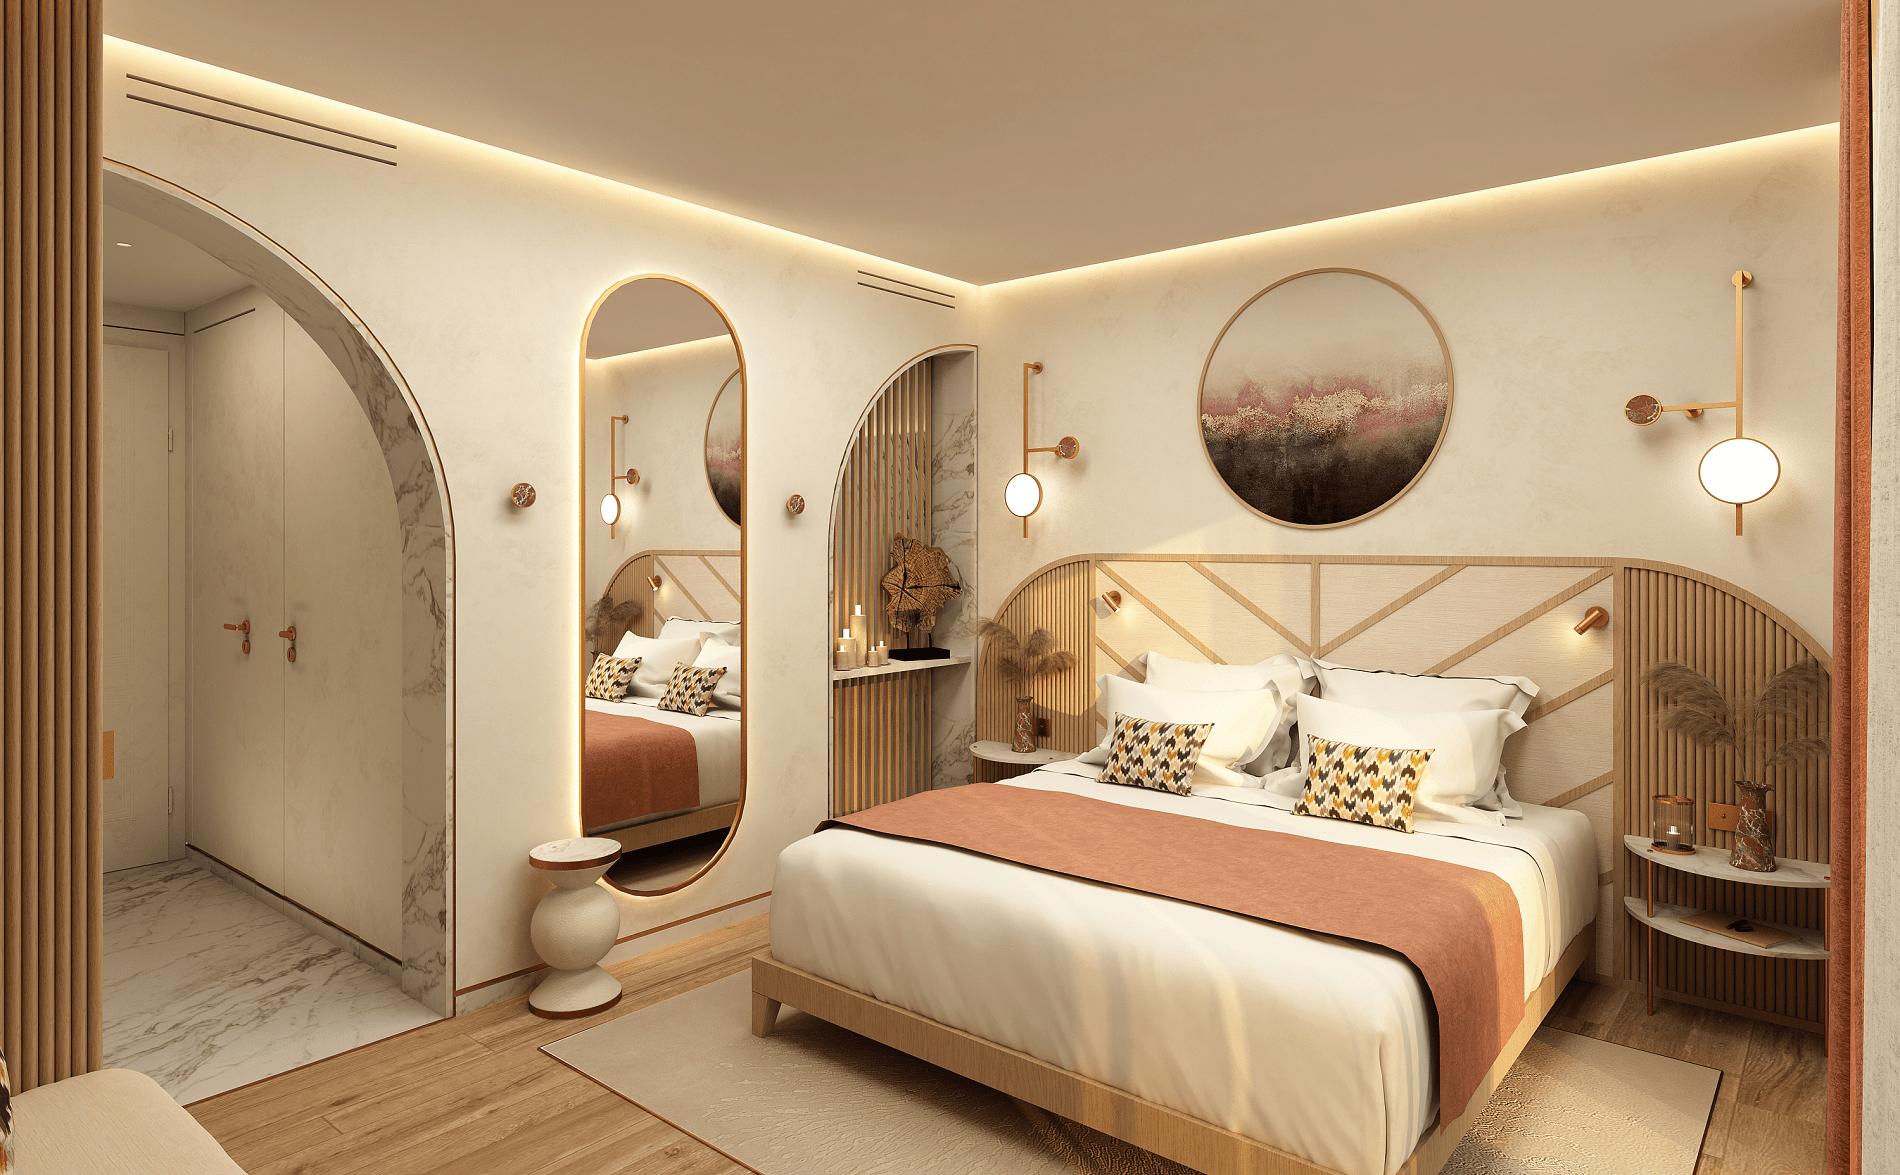 Maison Albar Hotels Le Chasseur